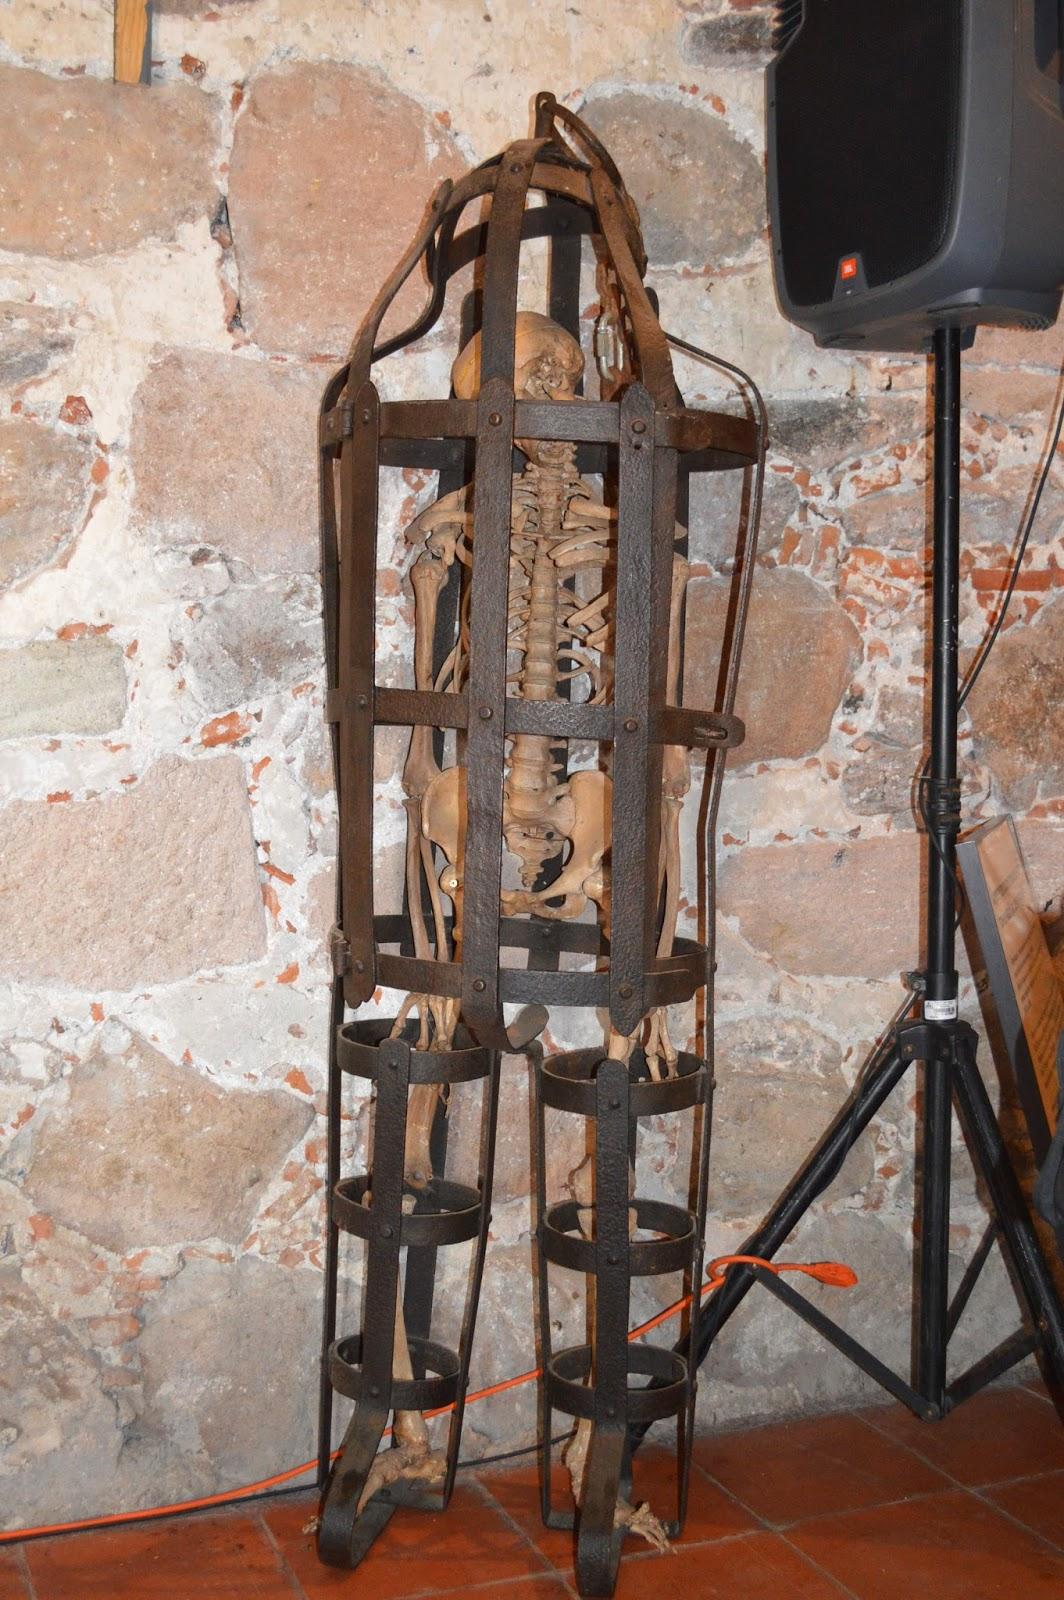 Instrumentos de tortura photo